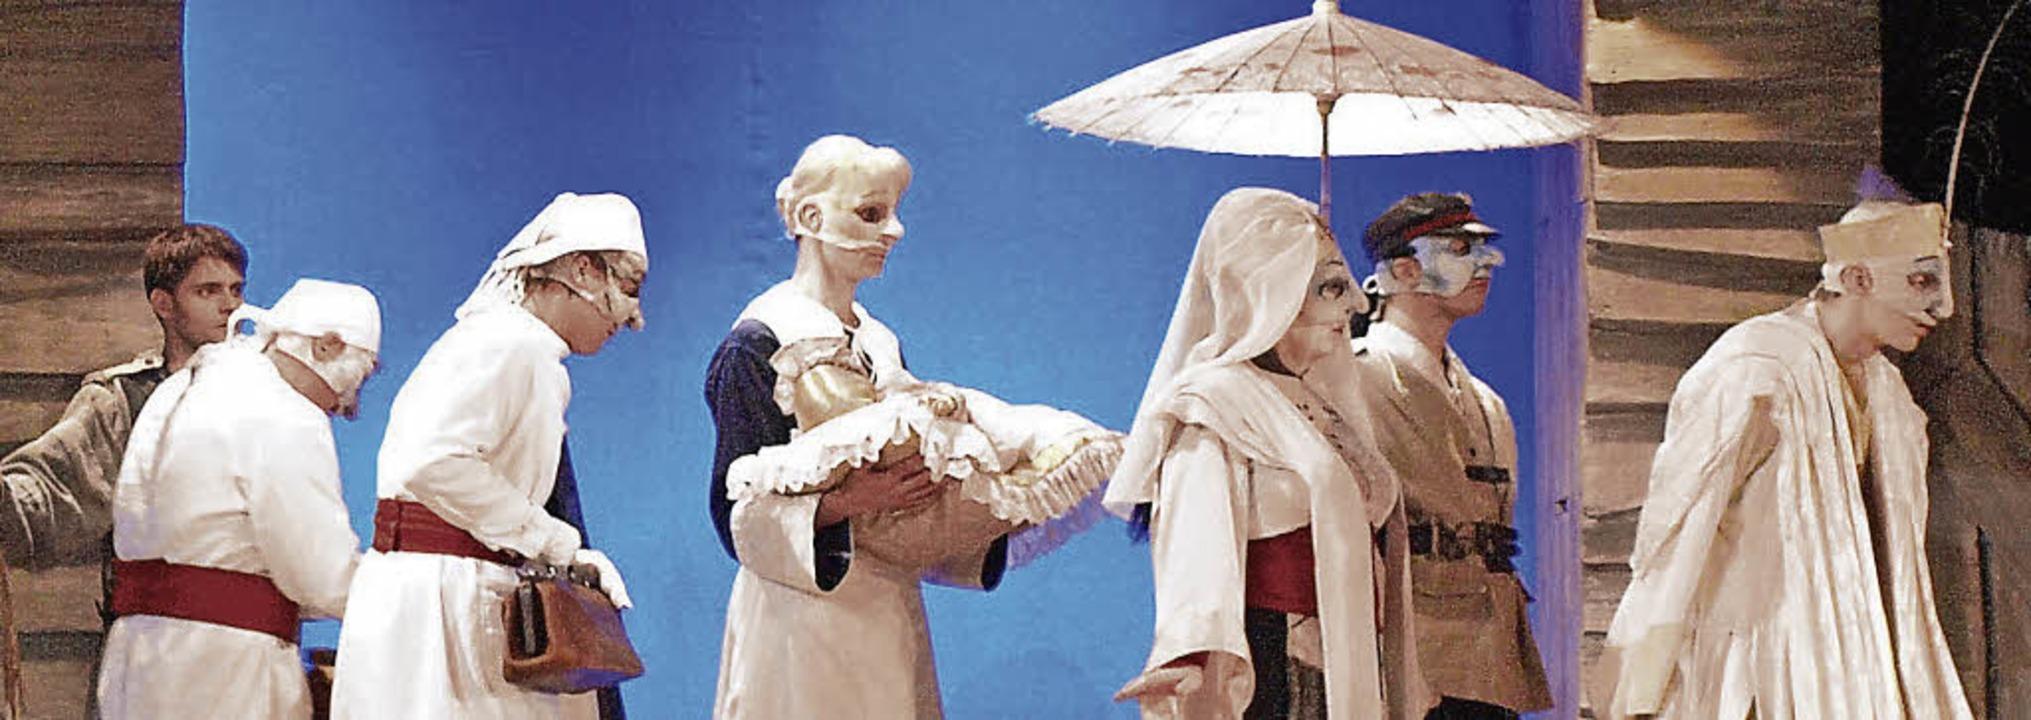 Szene aus dem Stück: Das hohe Kind wir...r lässt sie es auf der Flucht zurück.   | Foto: Marion Pfordt